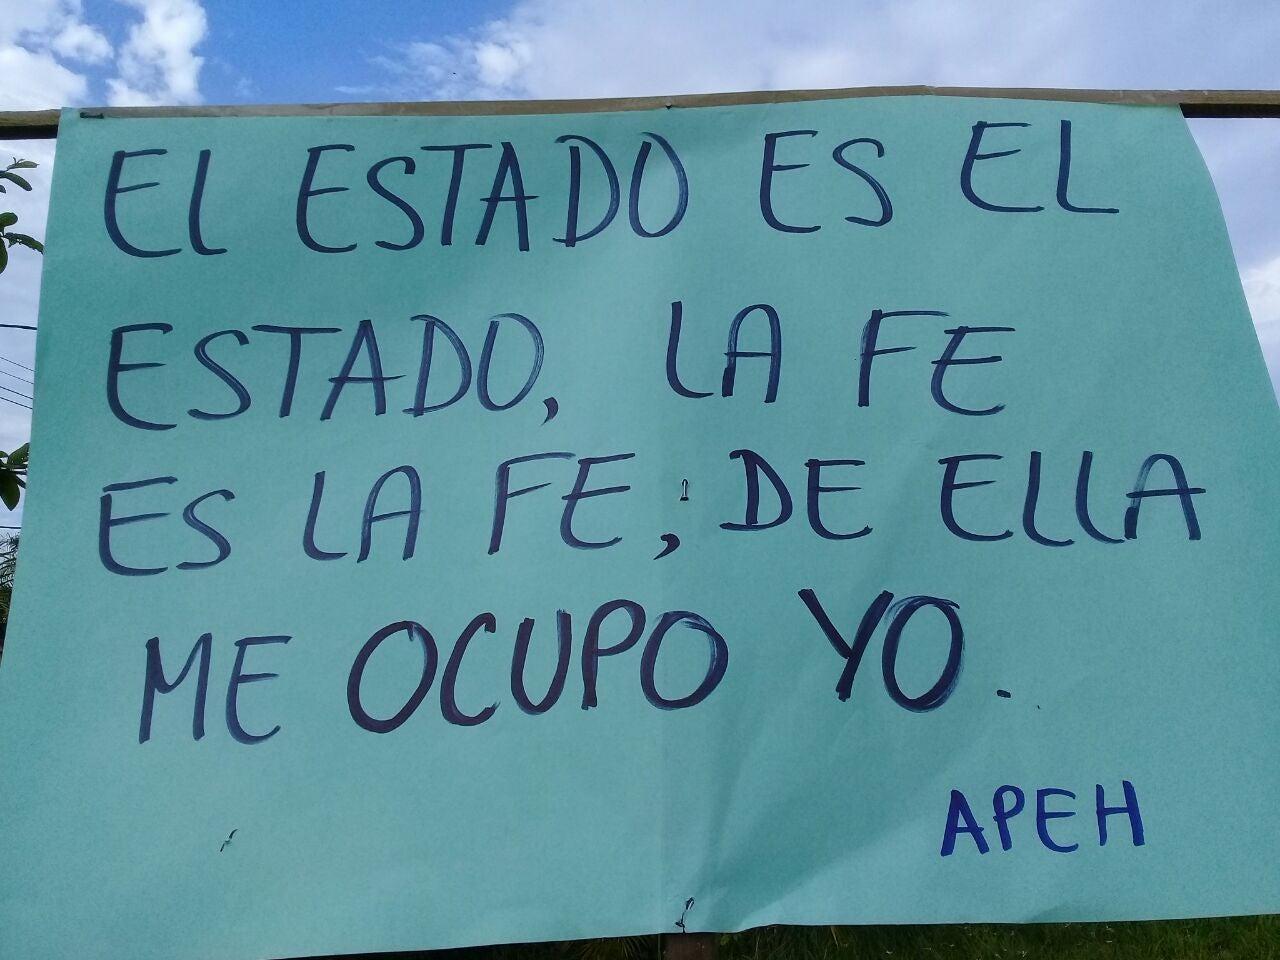 La APEH